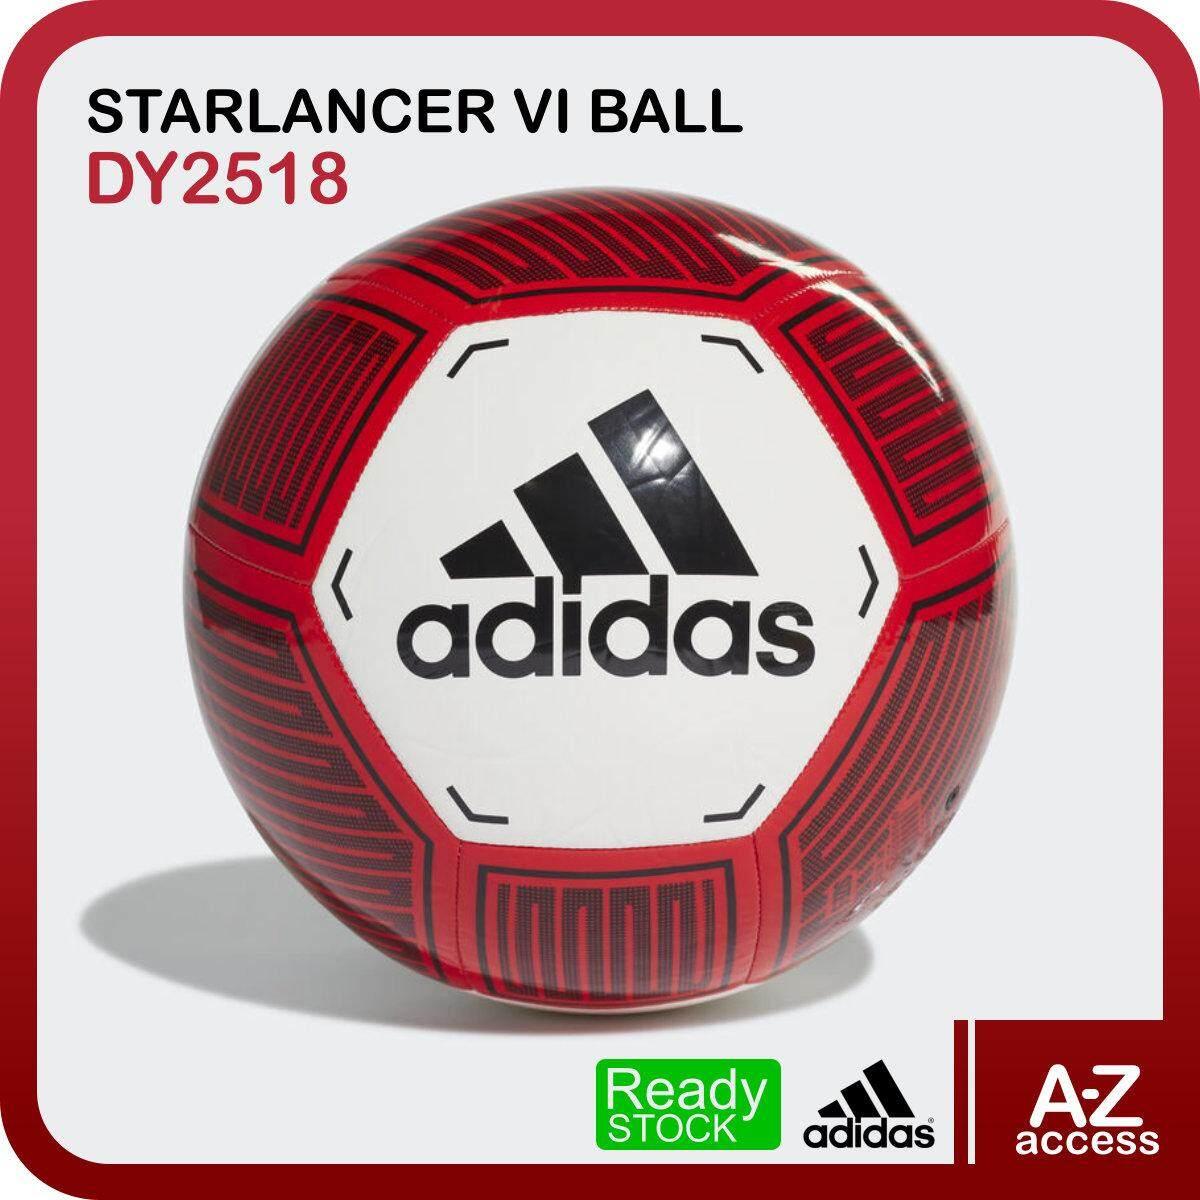 ลำพูน Adidas ฟุตบอลหนัง อาดิดาส Football Starlancer VI DY2518